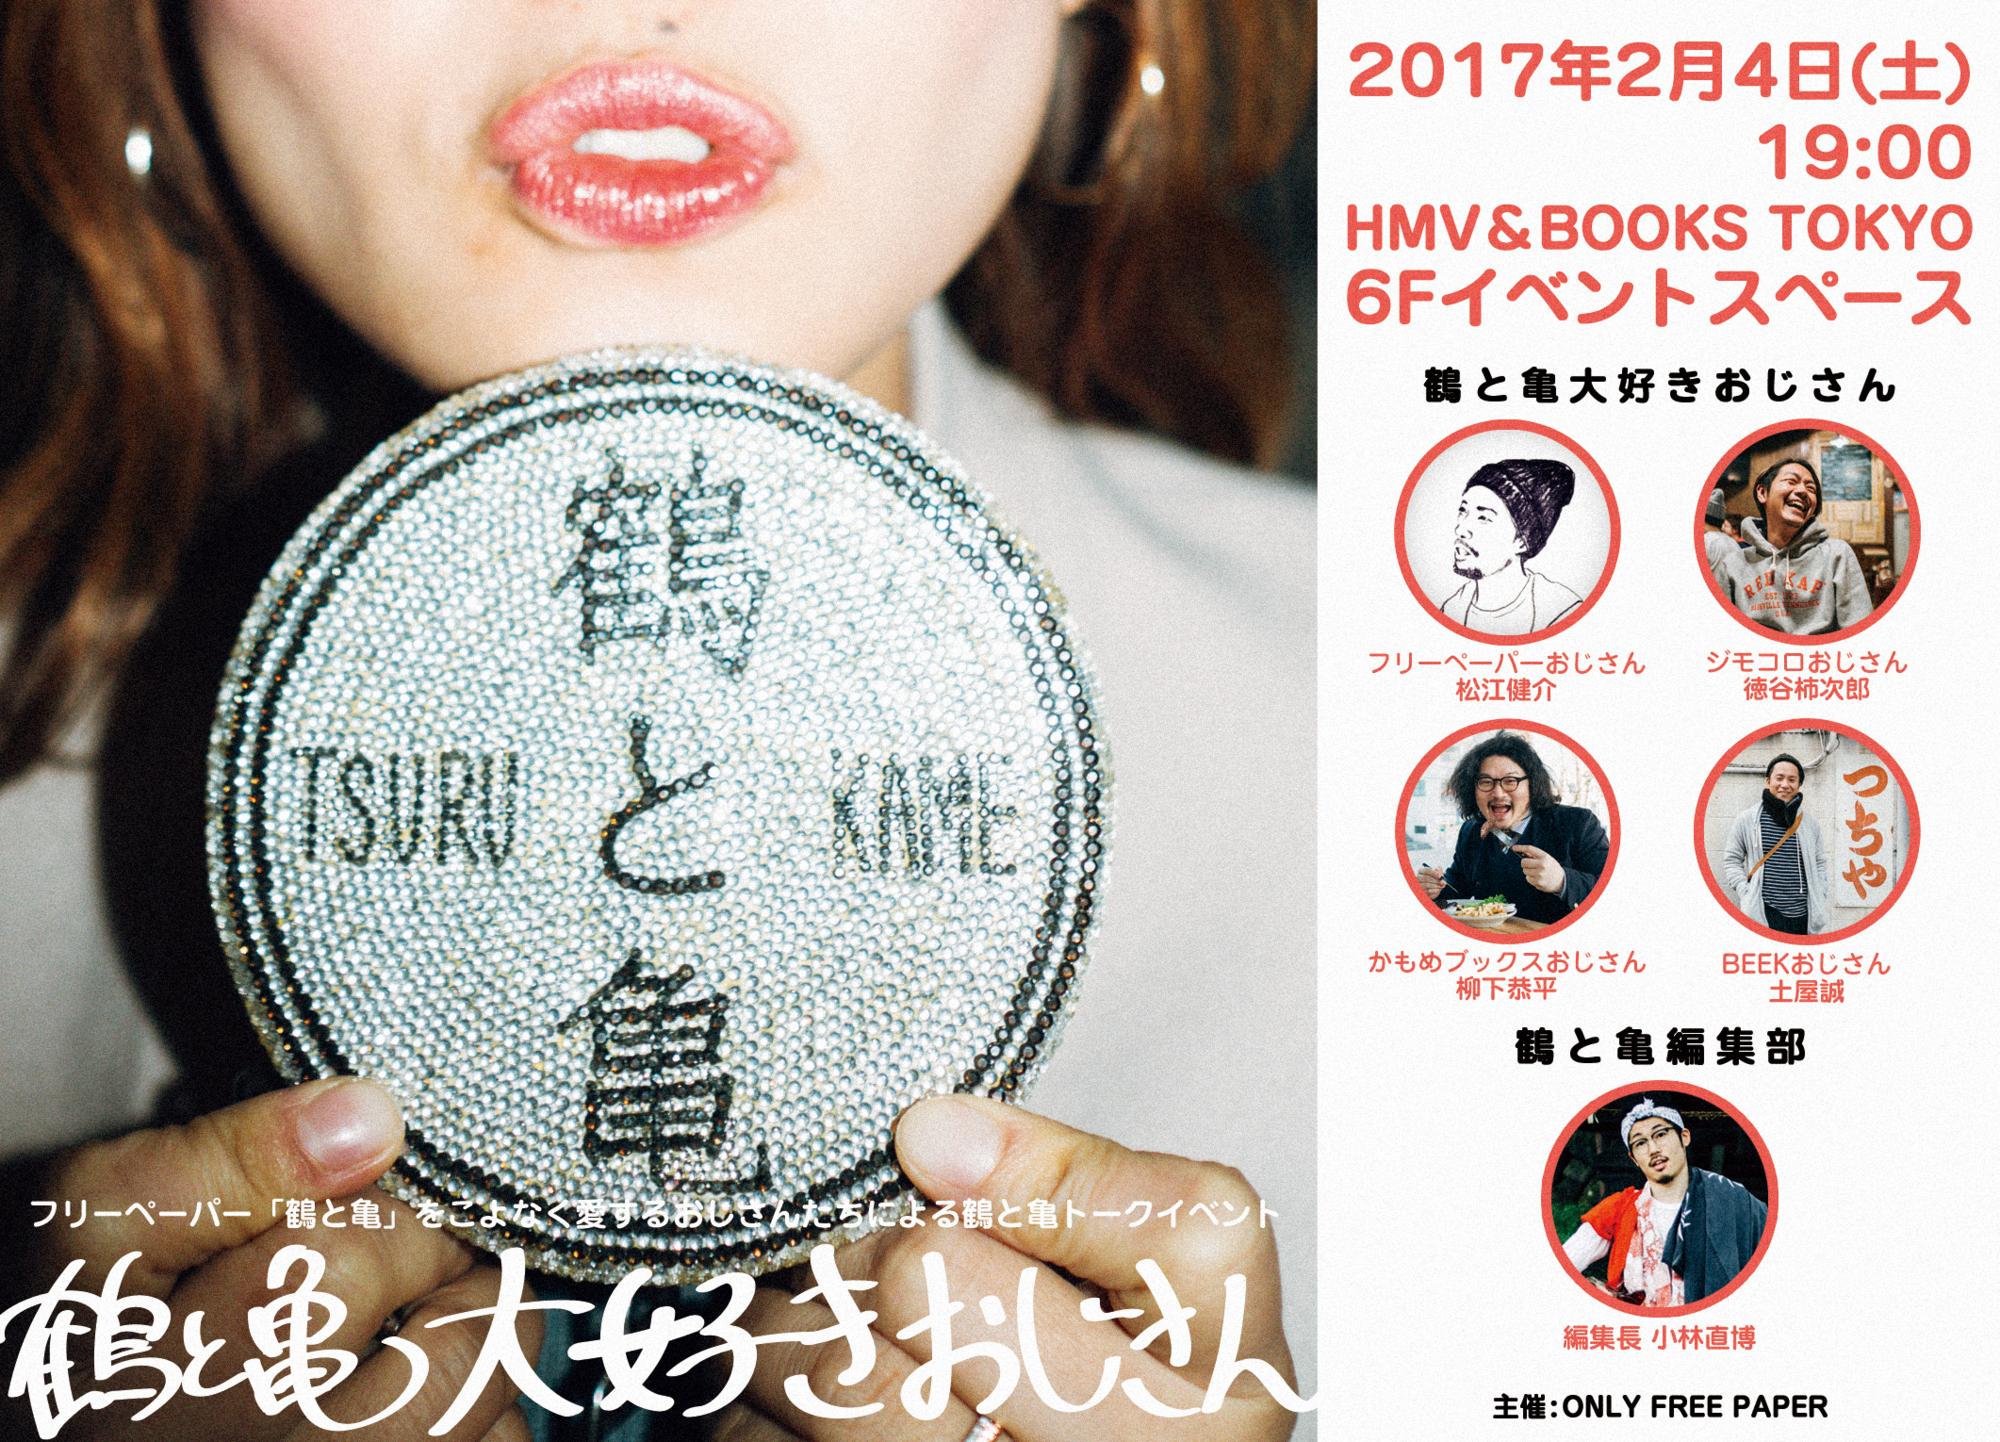 f:id:kakijiro:20170129164948j:plain